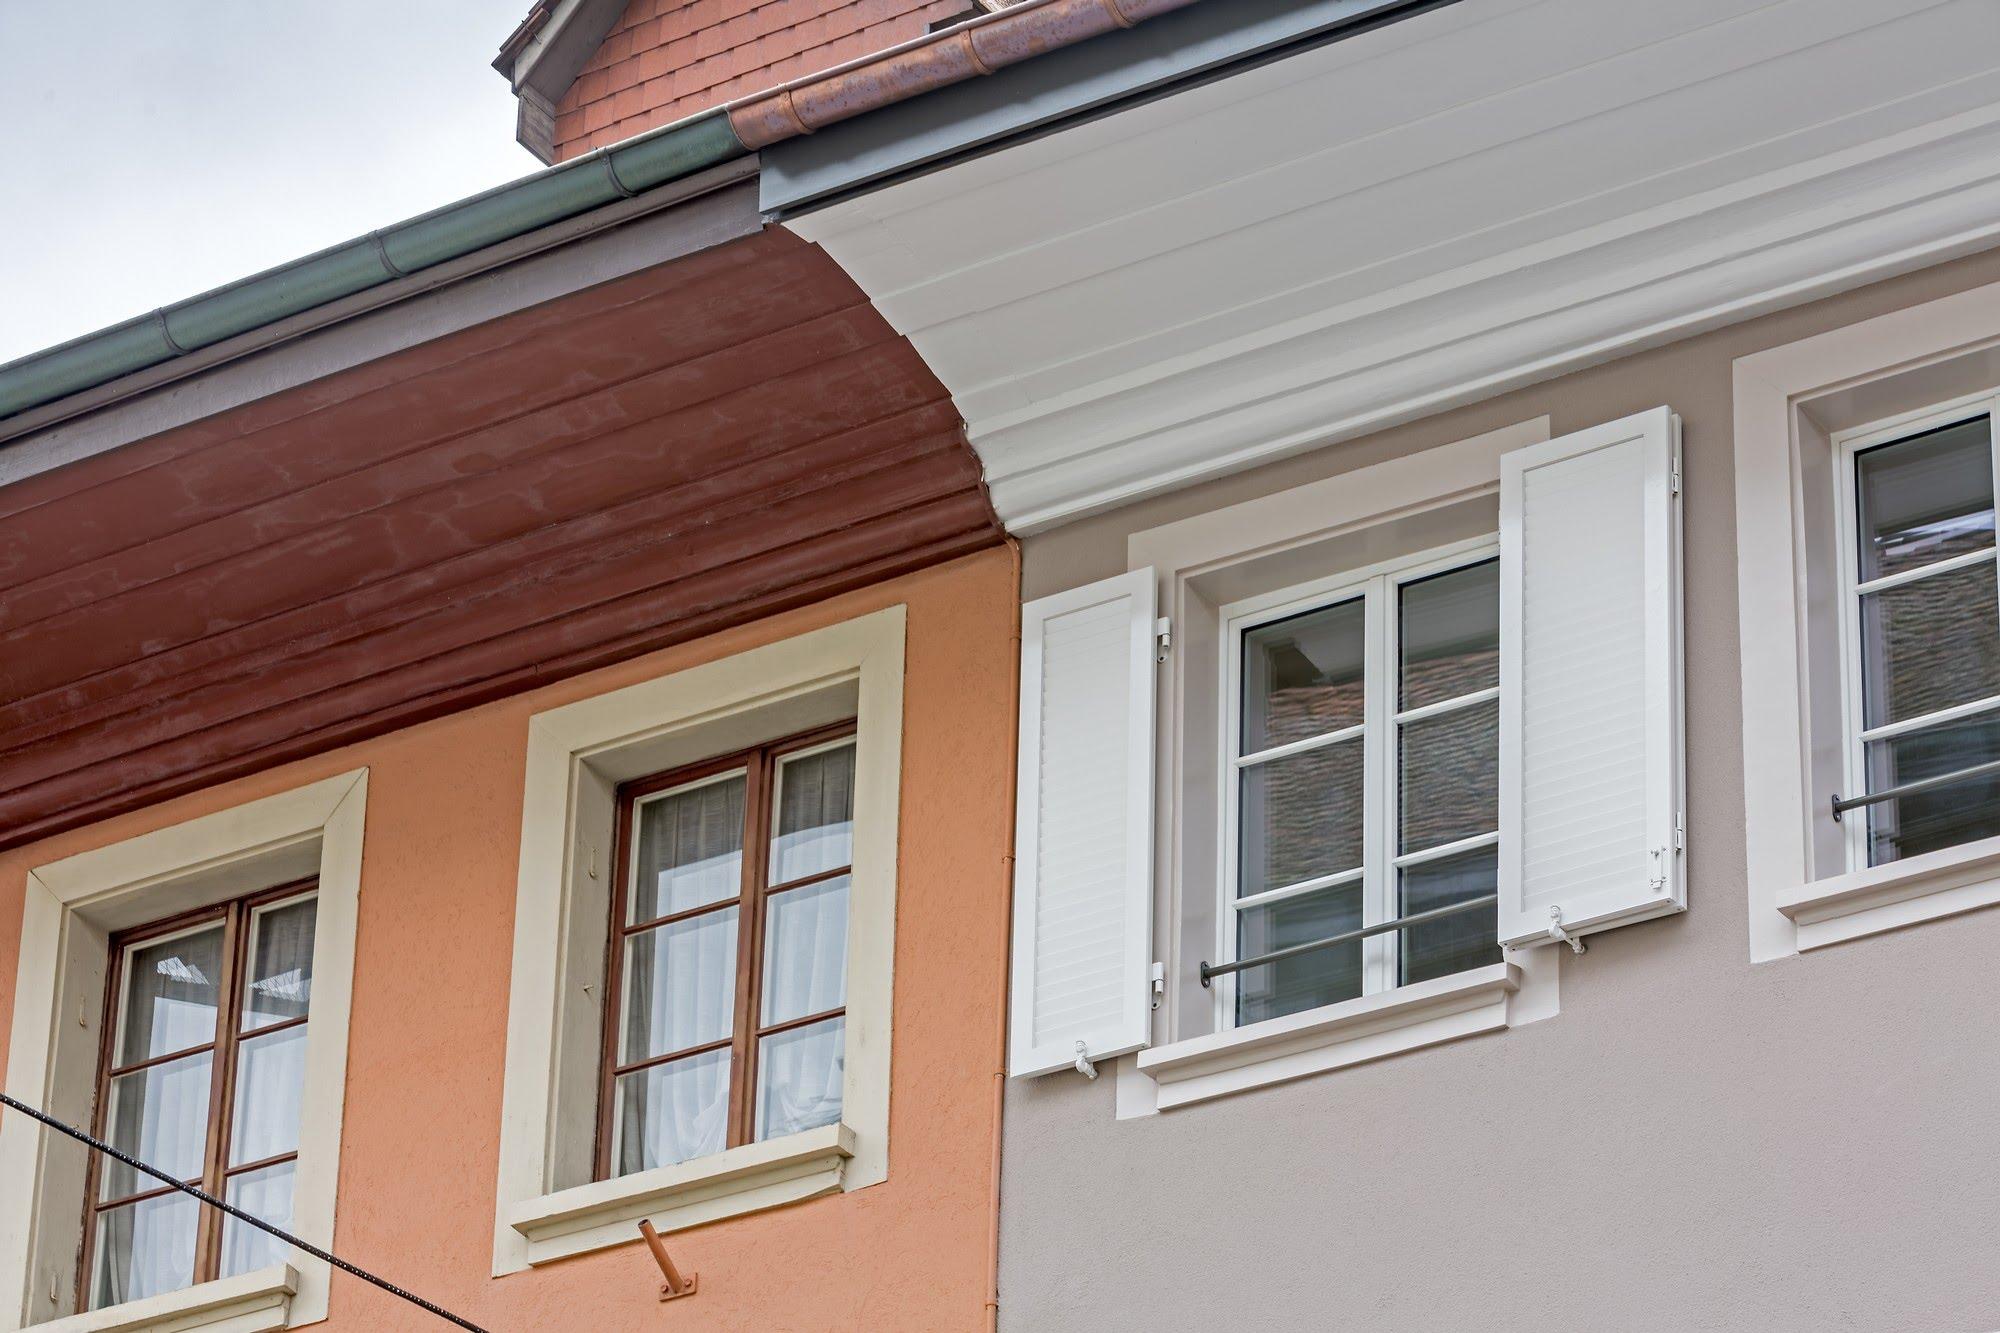 Wohnungsbau,Industrie / Gewerbebau,Gipserarbeiten Wohn- und Geschäftshaus